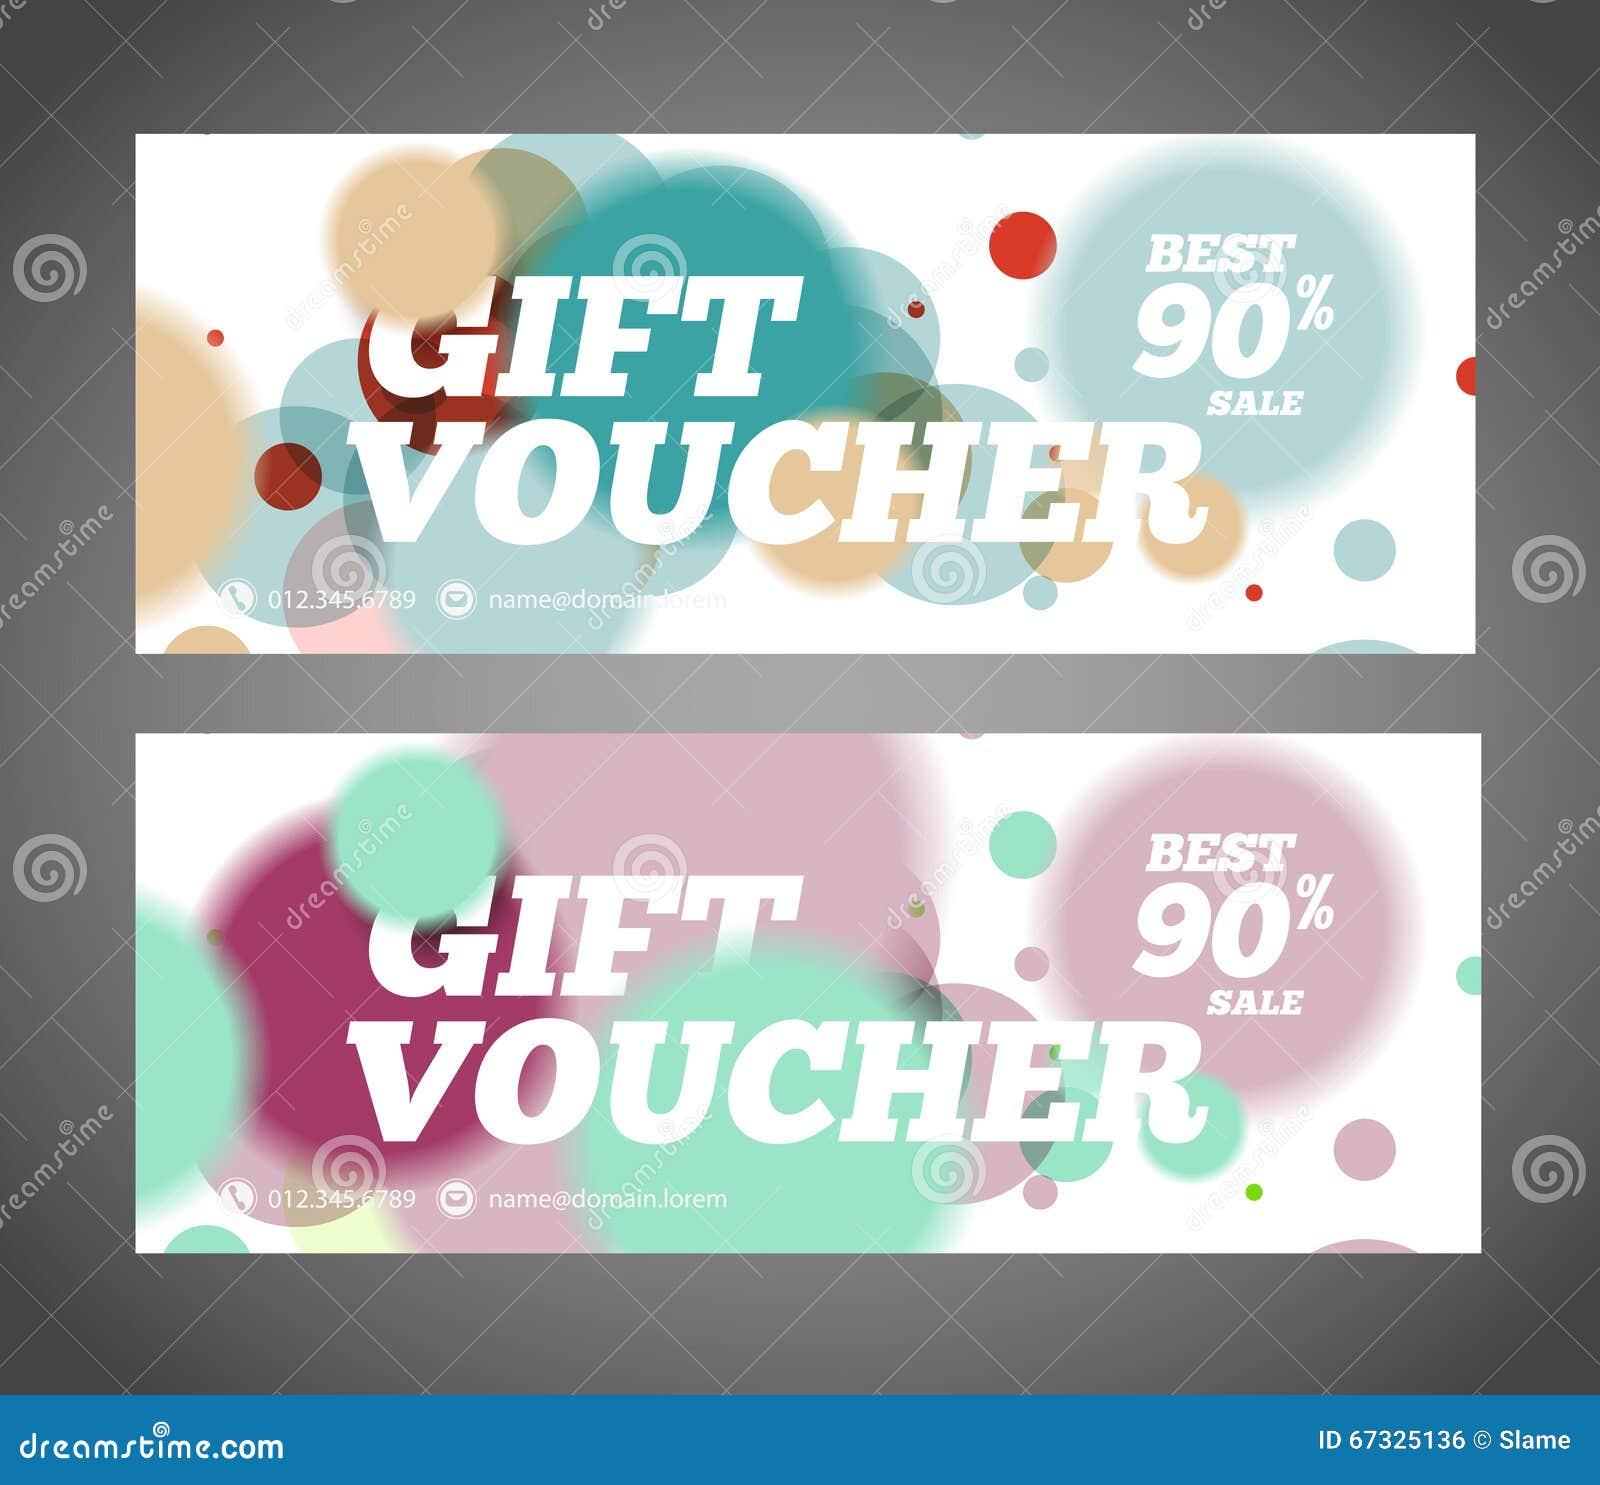 Gift Voucher Design Template Discount Voucher Template Sale Ba – Discount Voucher Design